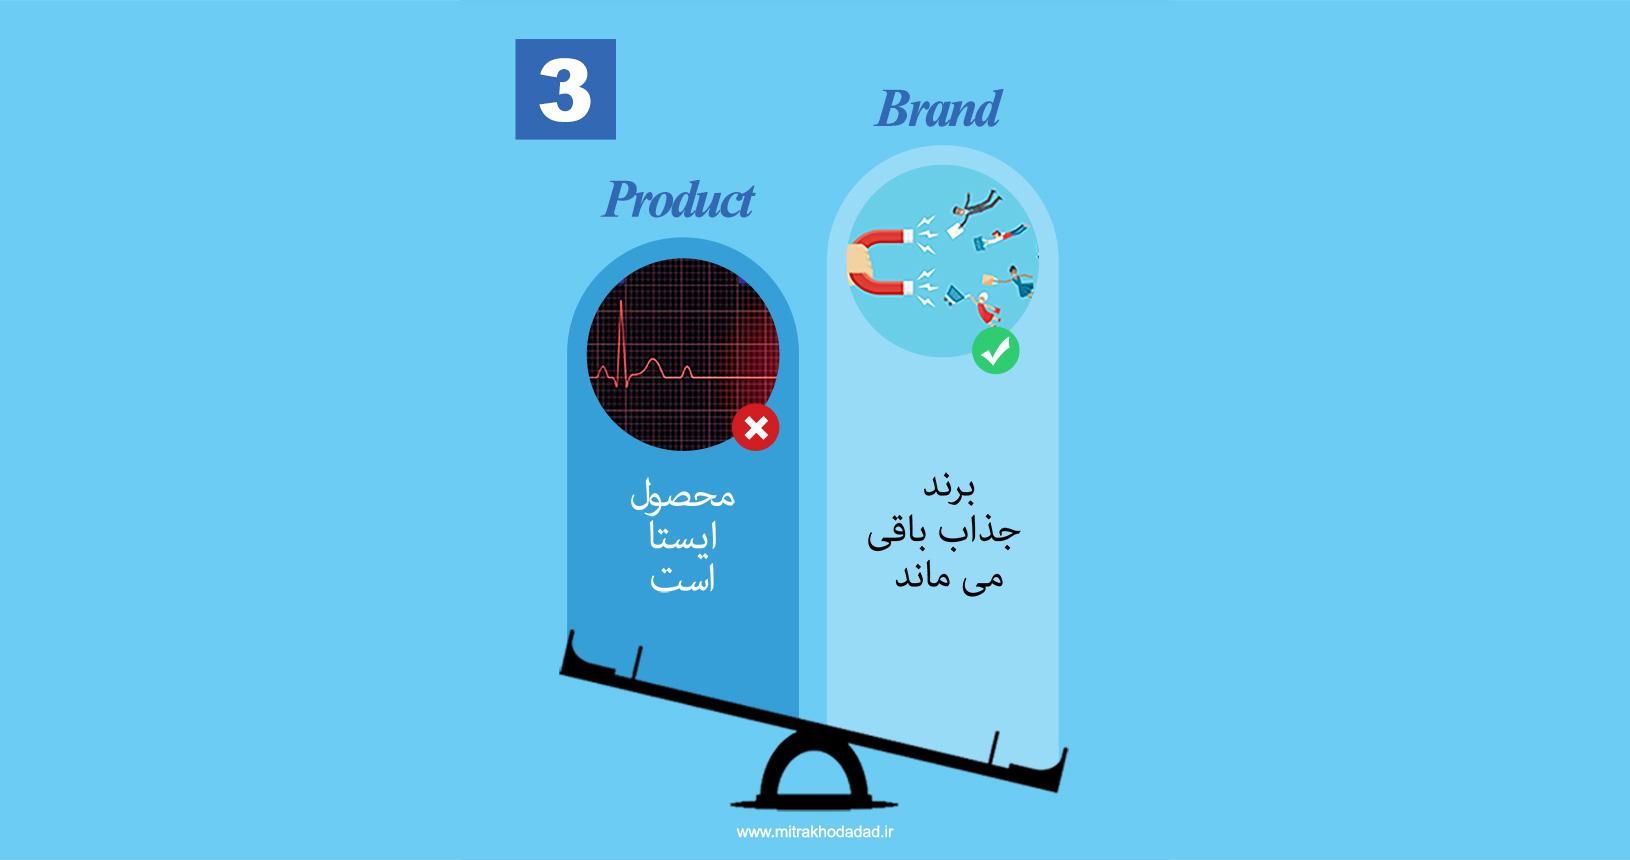 تفاوت برند و محصول